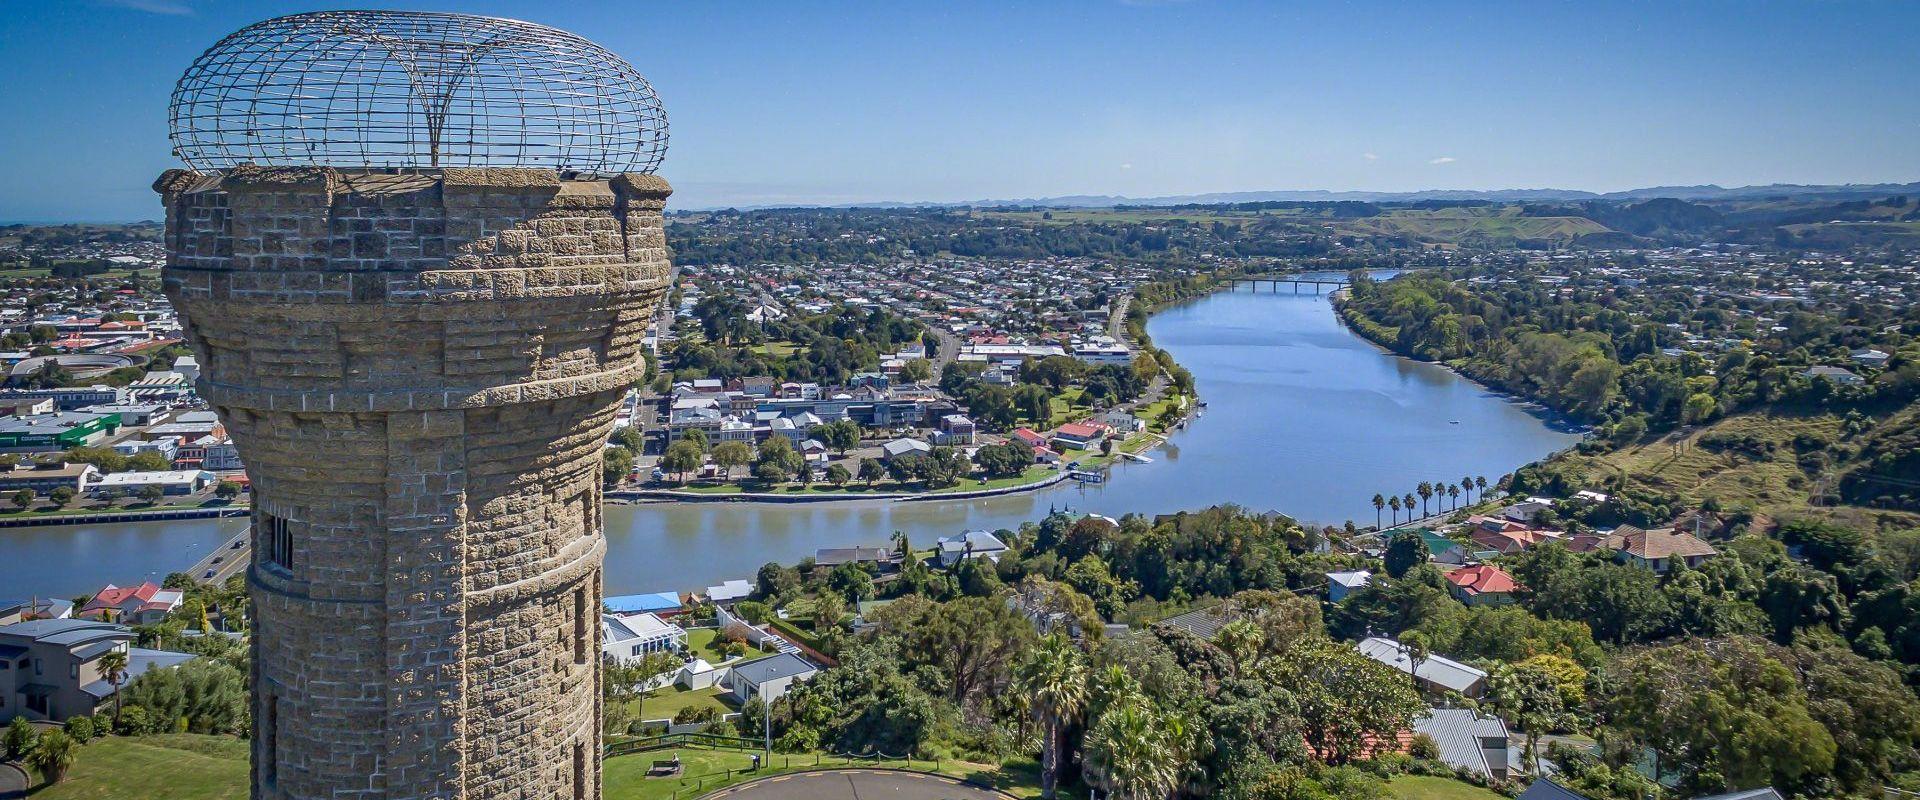 Whanganui river bridges